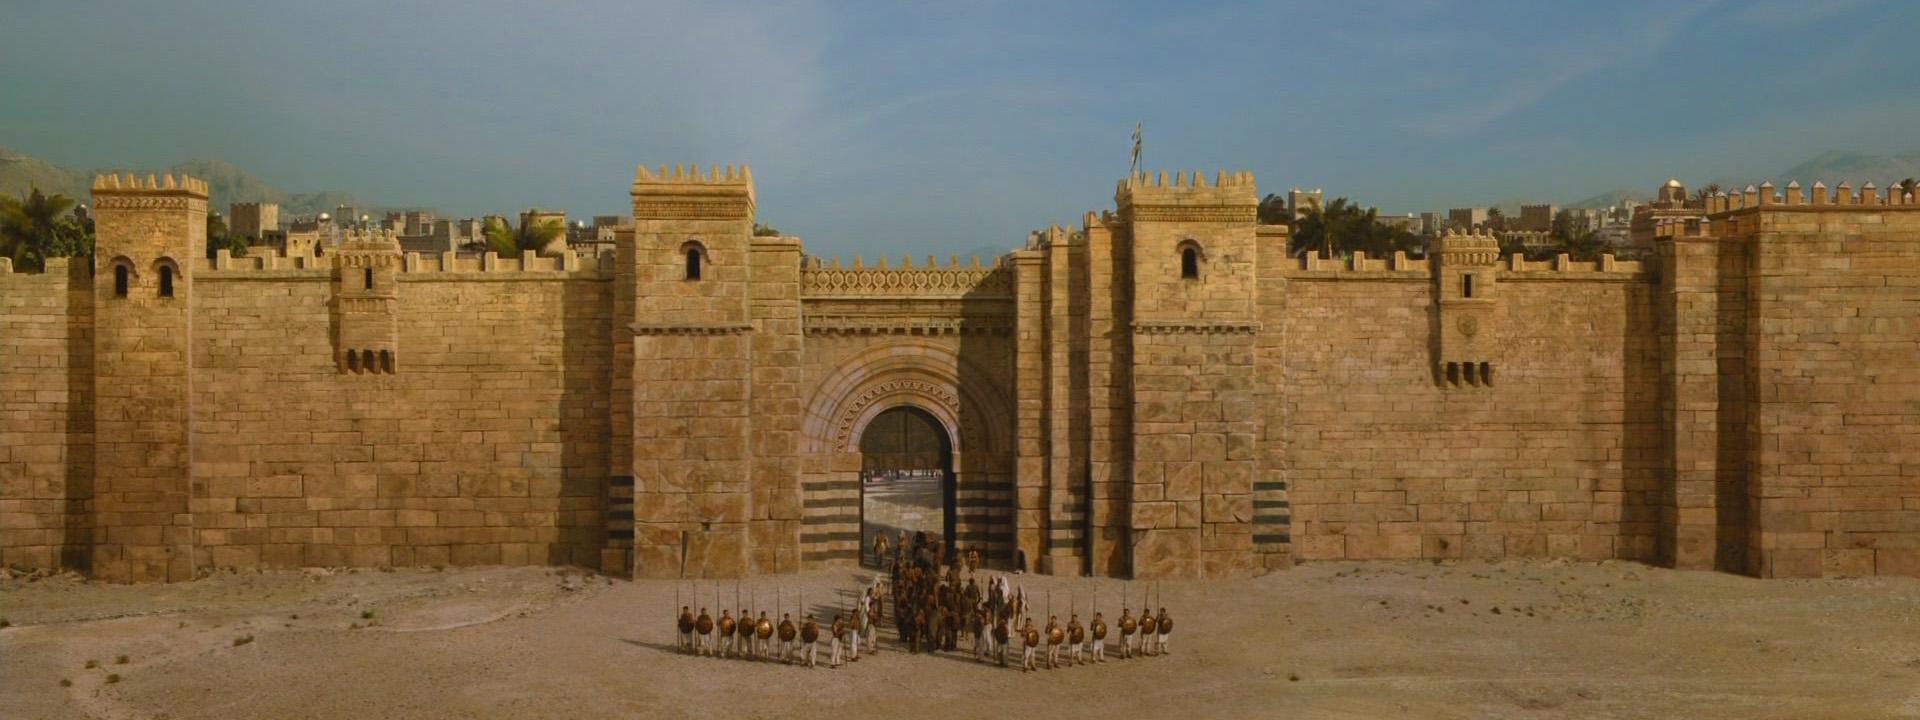 Murallas Triples De Qarth Hielo Y Fuego Wiki Fandom Powered By Wikia